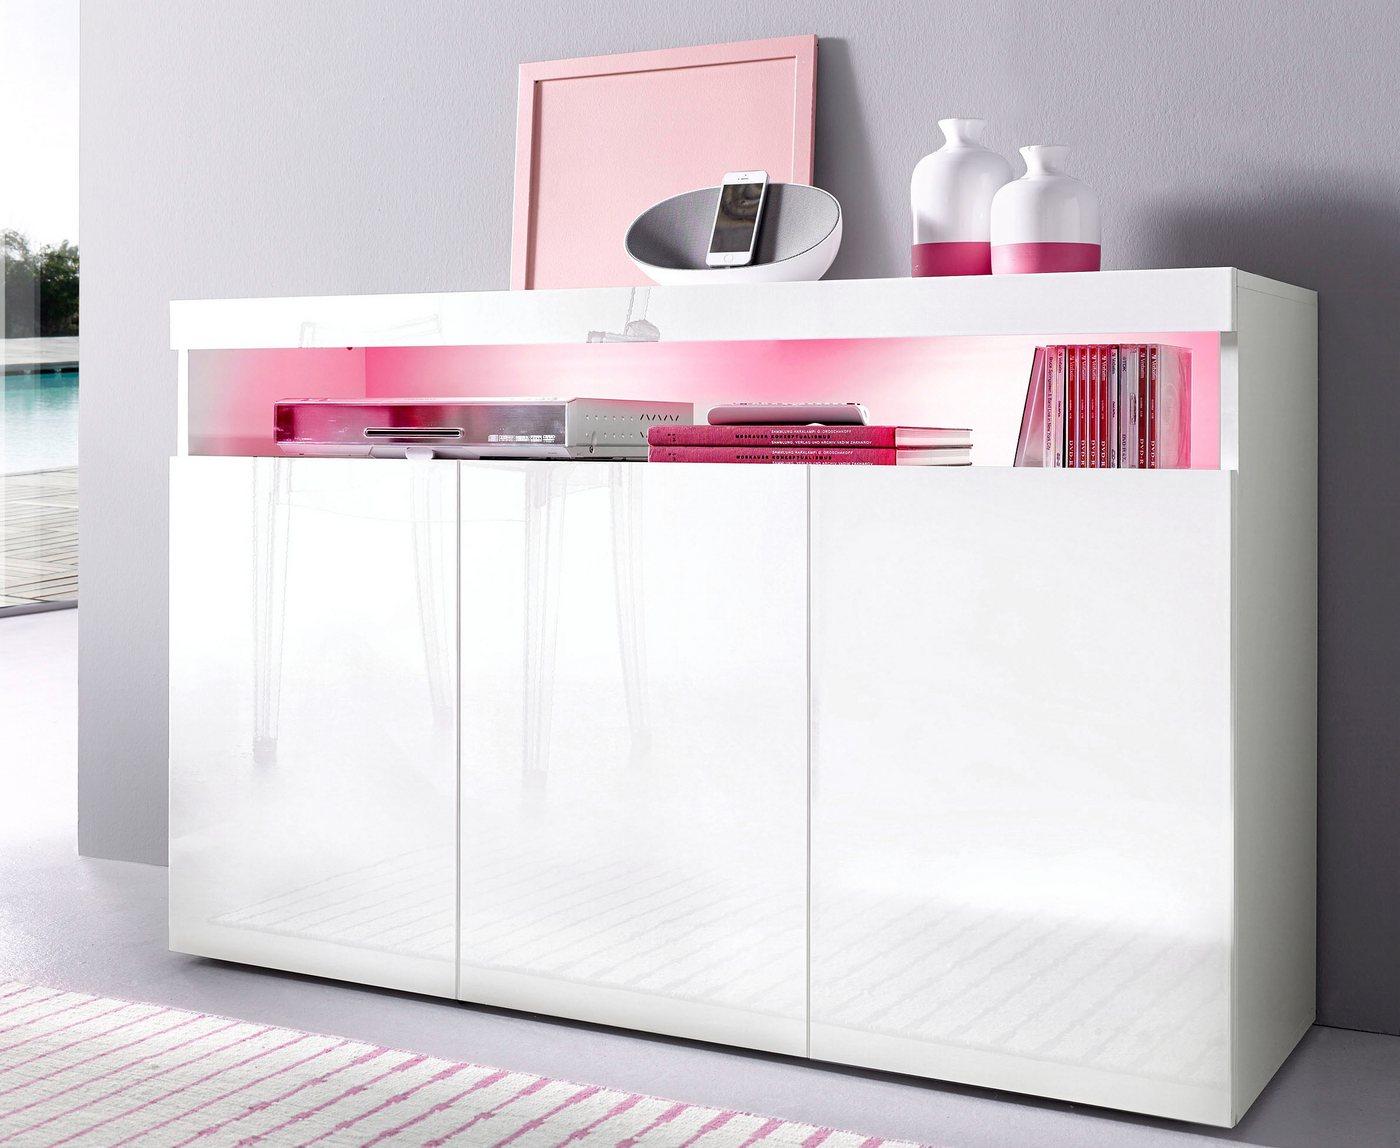 sideboards 130 cm hoch preisvergleiche erfahrungsberichte und kauf bei nextag. Black Bedroom Furniture Sets. Home Design Ideas